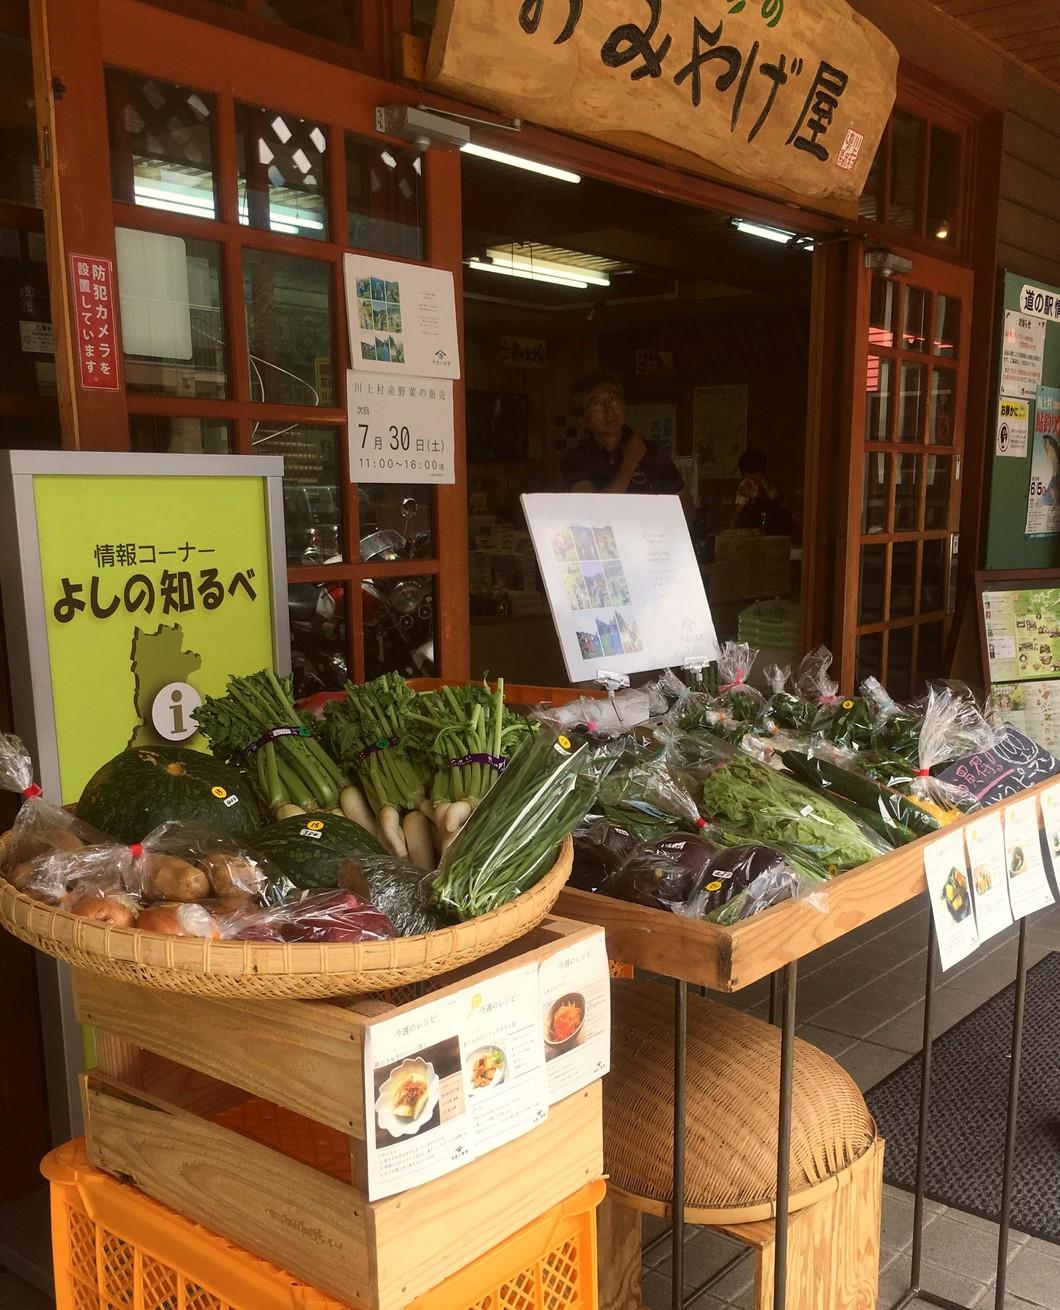 「やまいき市」(地元の野菜販売・不定期)